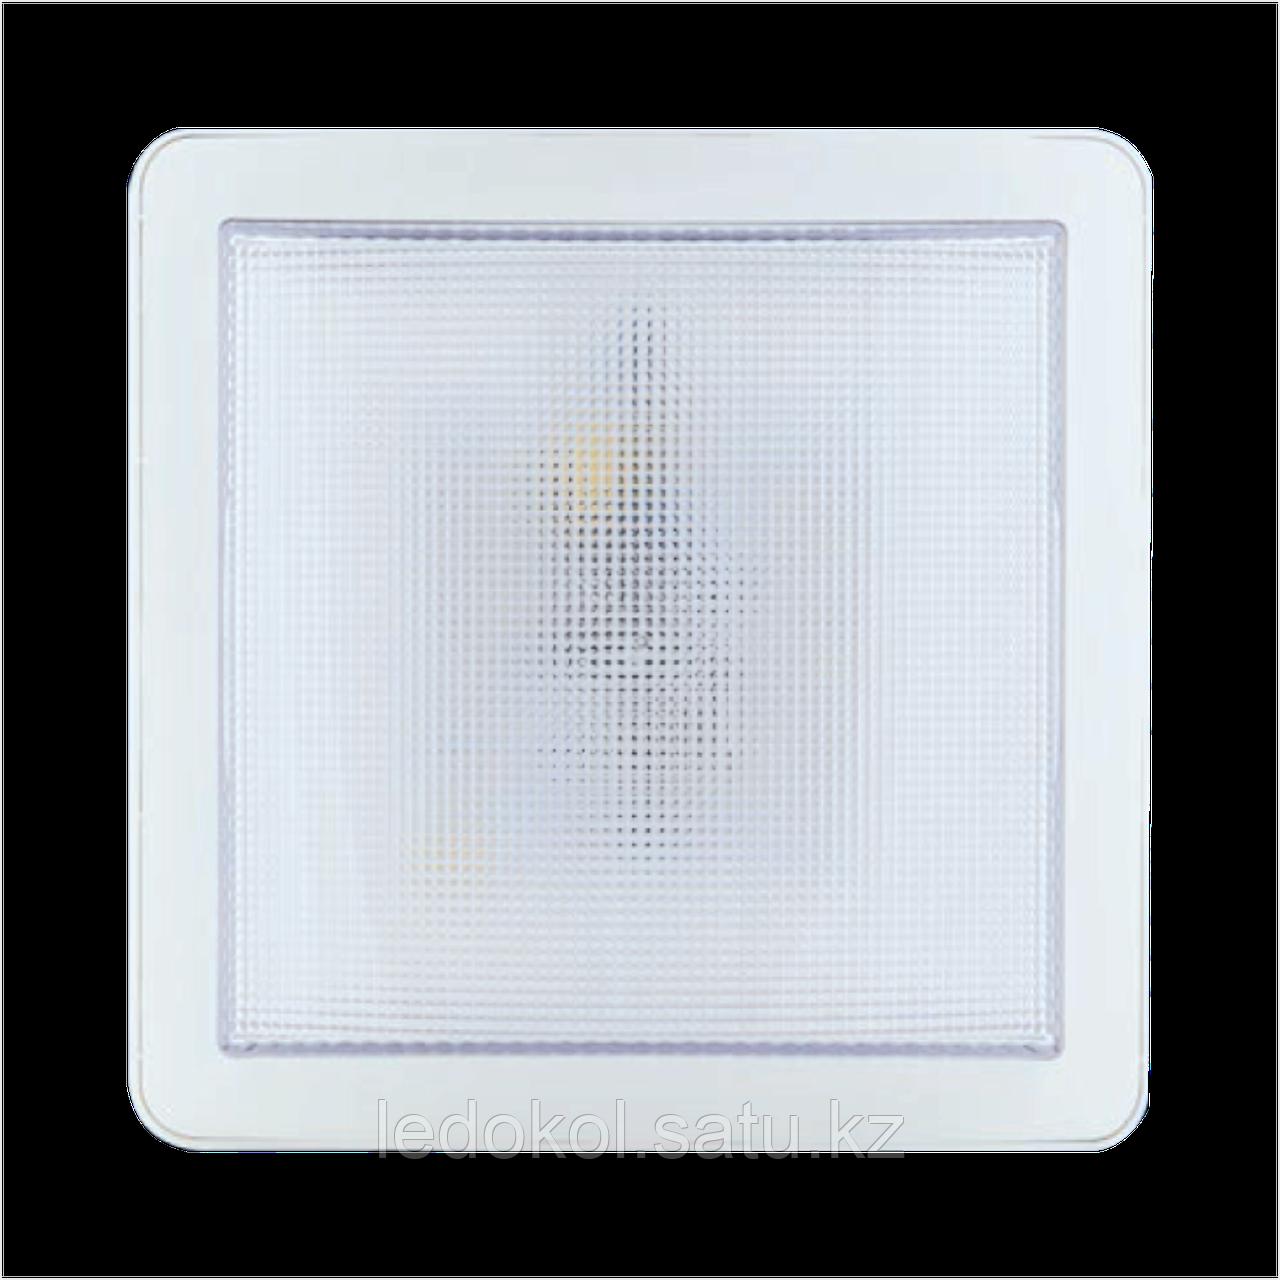 """Светильник дом. ДБП """"Эконом-ЖКХ"""" LED, 6 Вт, с дежурный реж, антивандальный"""